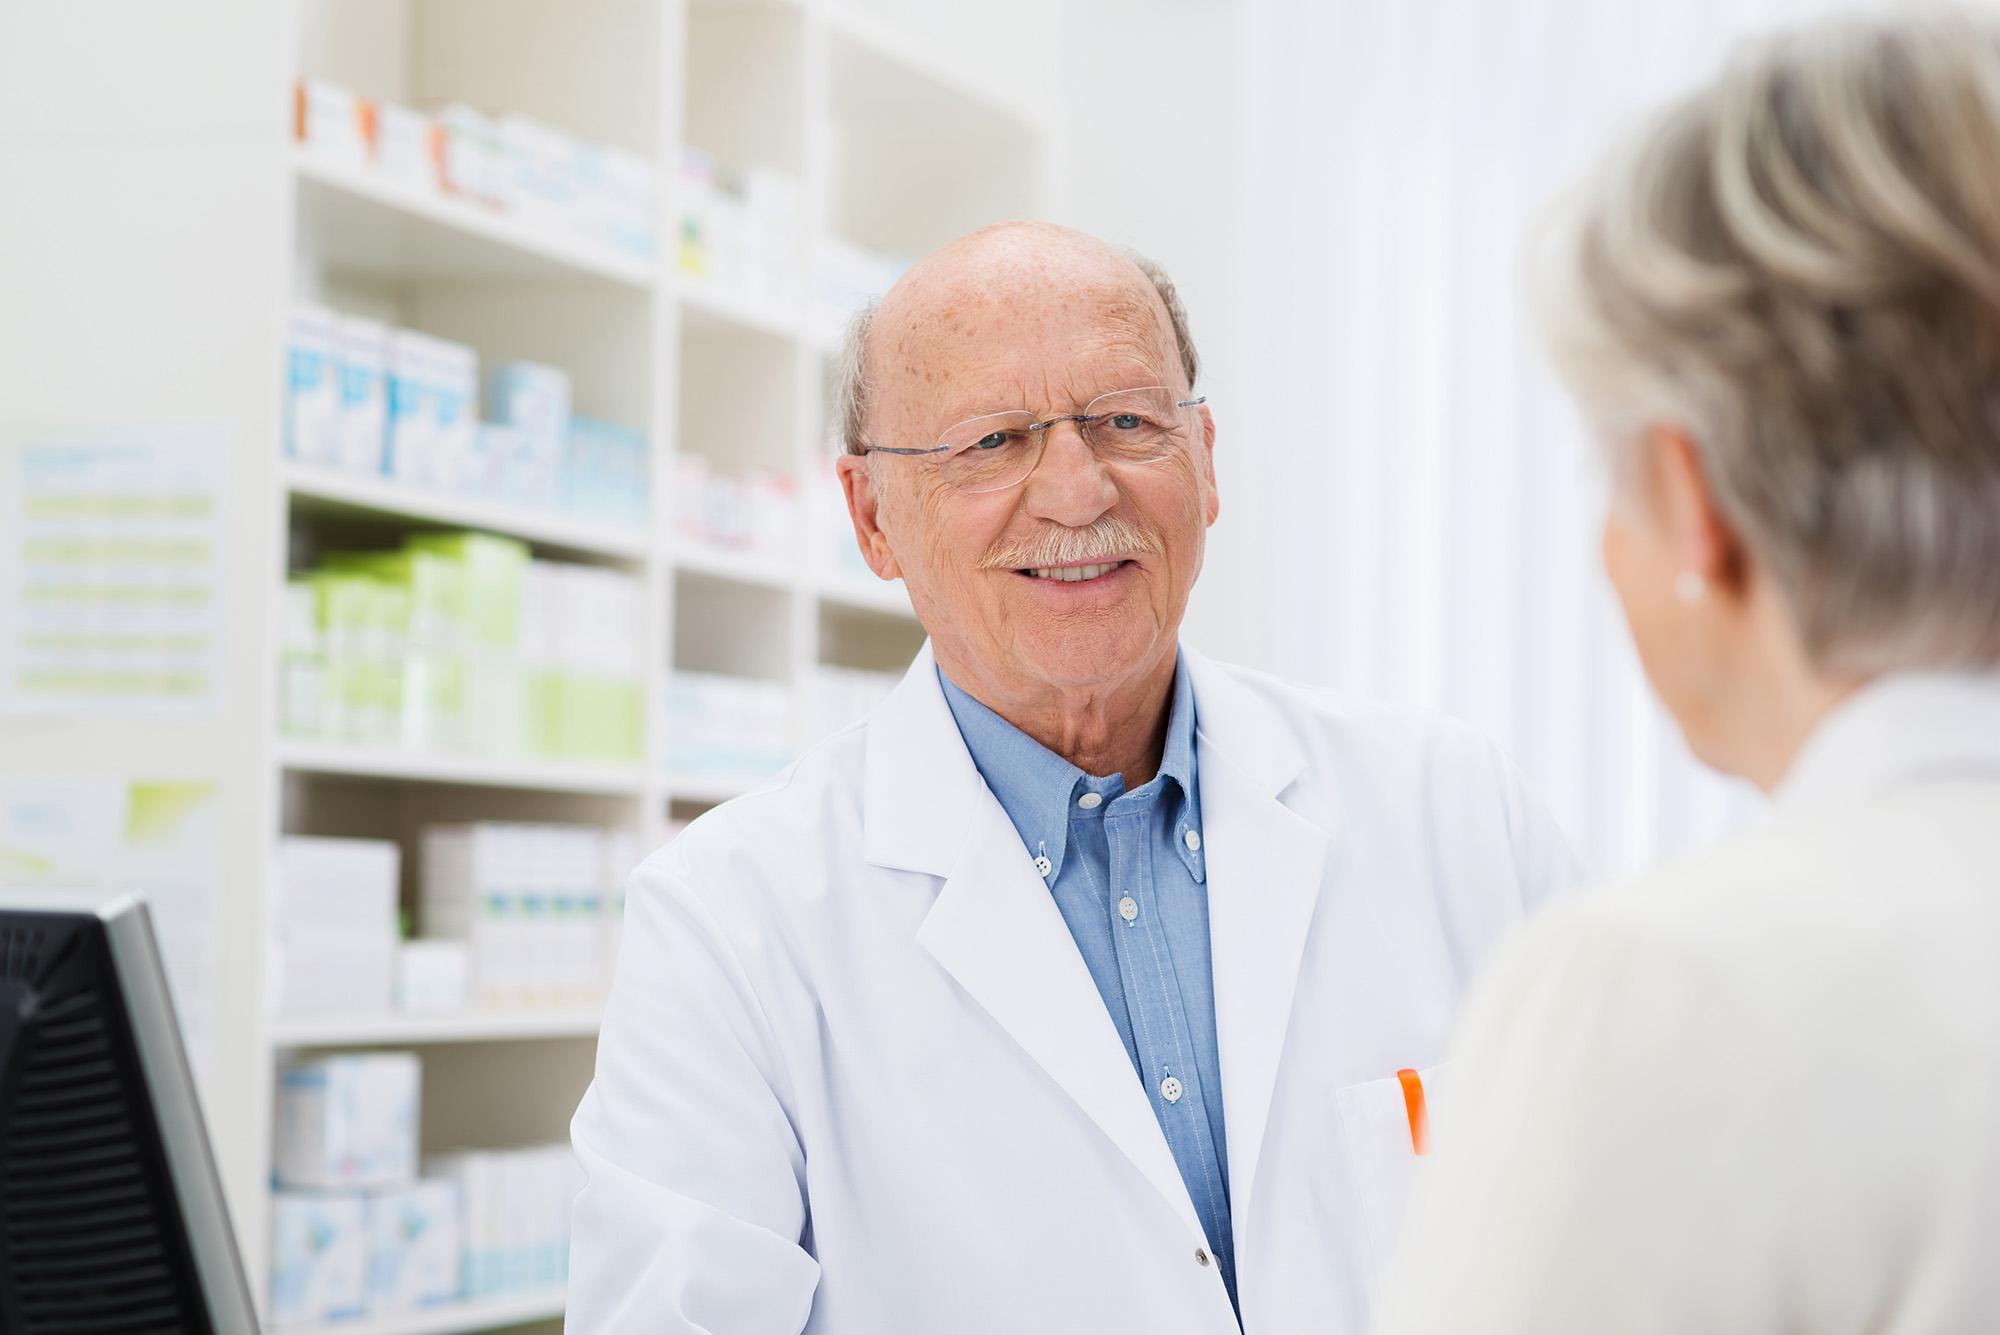 Herausforderung für Apotheken: Der onkologische Patient